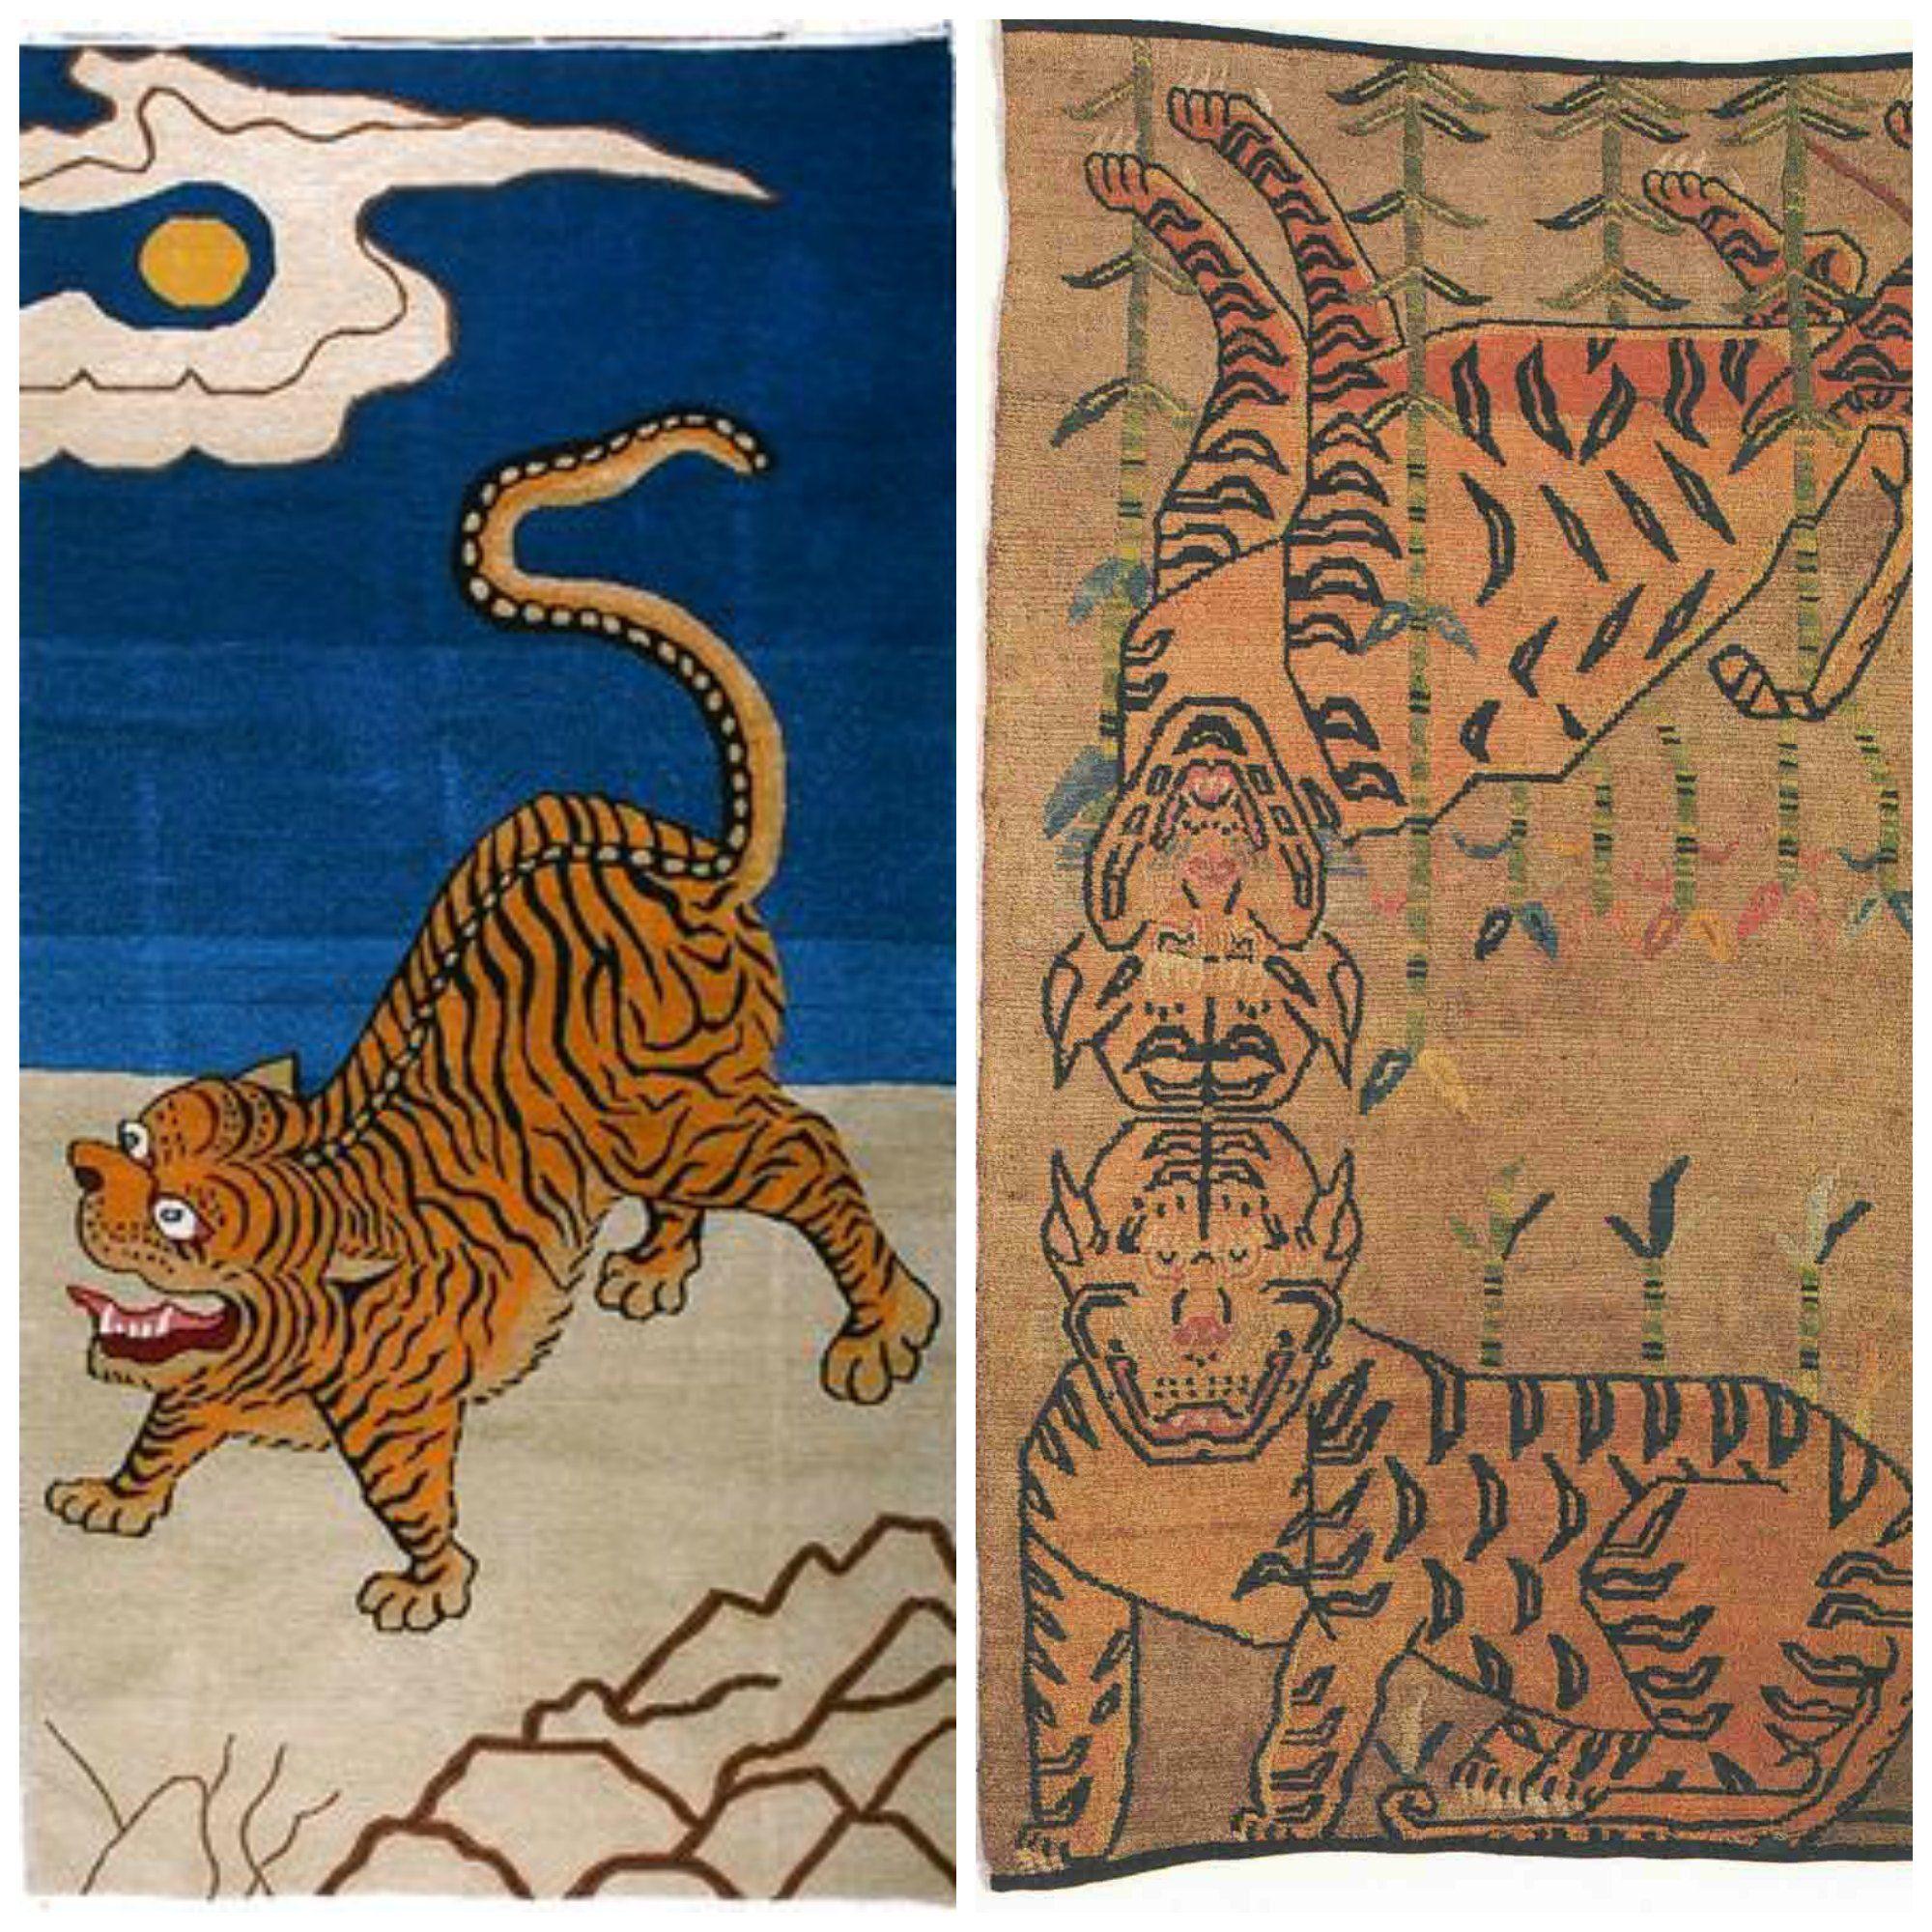 Tibetan Tiger Rug - Bing Images